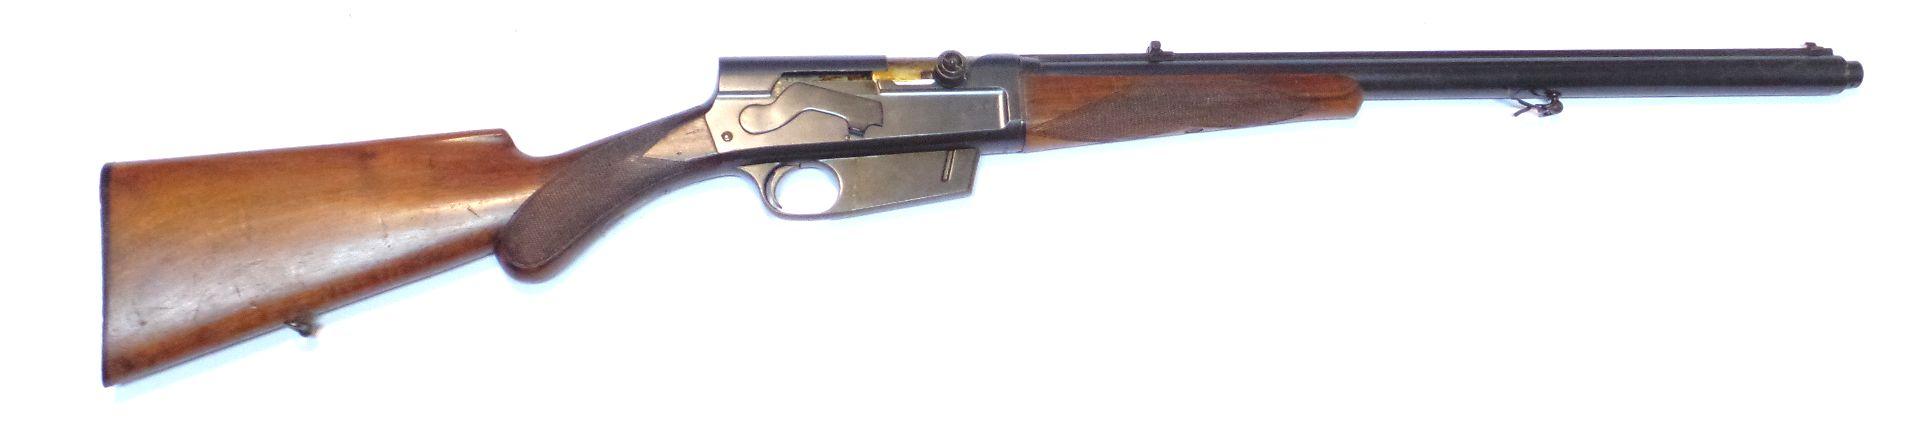 Browning - FN - Modèle 1900 calibre 35 Rem